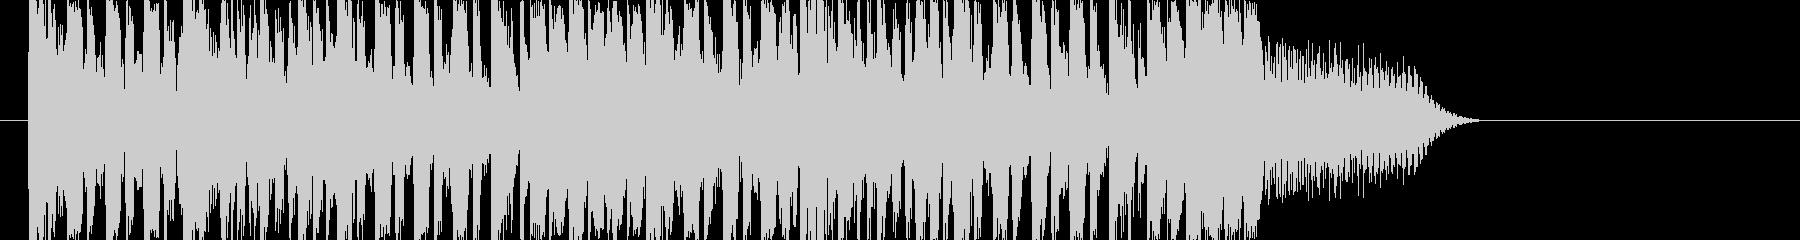 EDM ダブステップ ジングルの未再生の波形